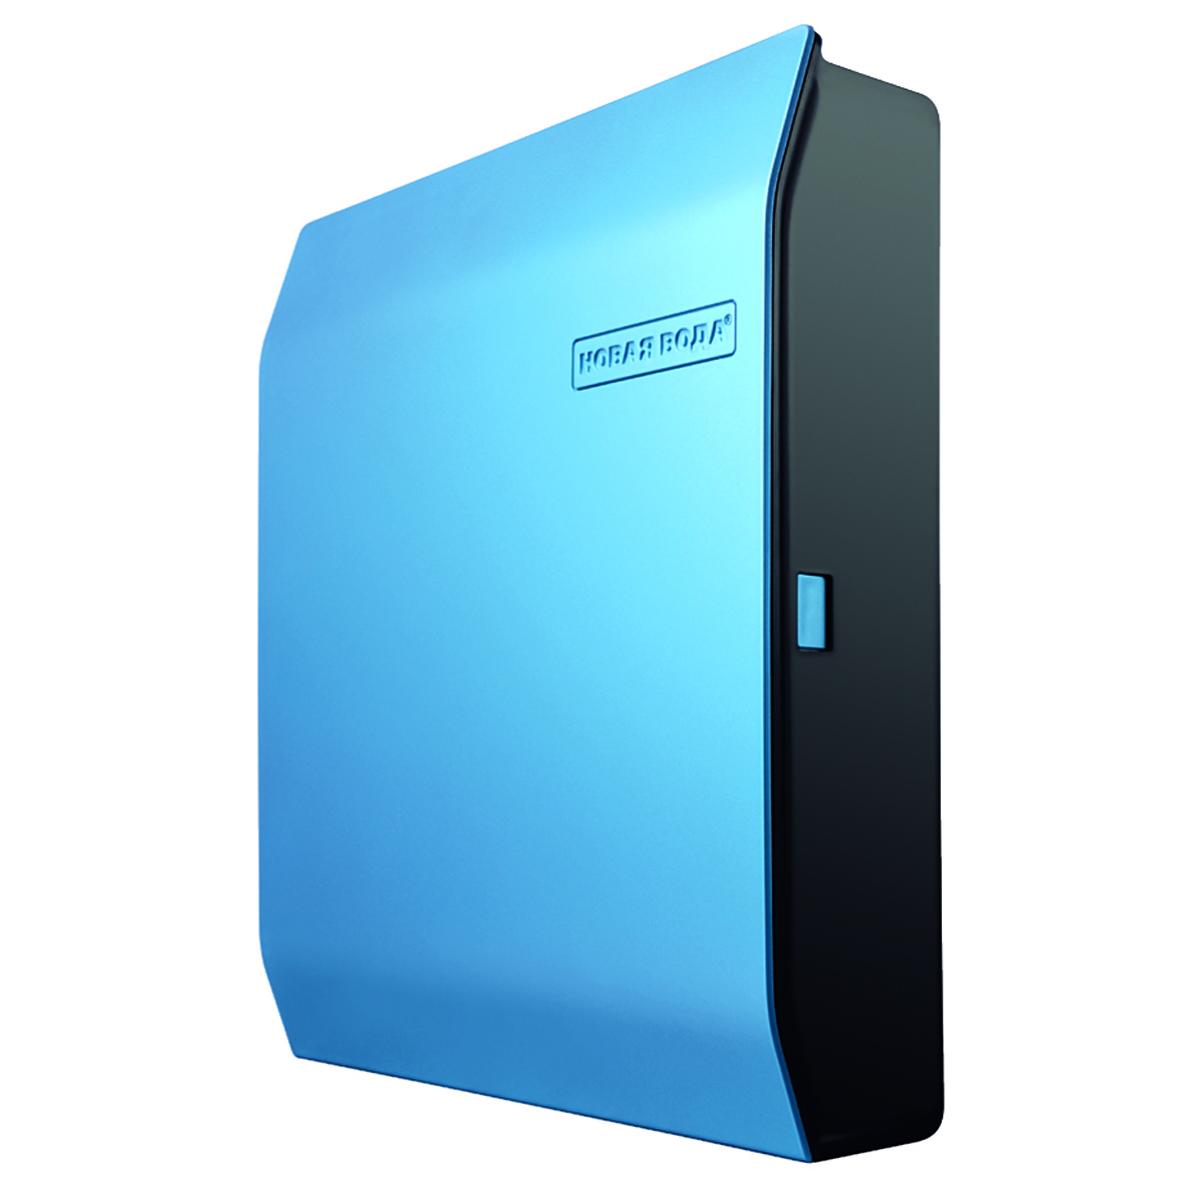 Фильтр для воды Prio Expert. M330, суперкомпактный 5-ого поколенияM330Тип фильтра: Система под мойку. Фильтры под мойку нового поколения Expert — настоящий прорыв в области очистки воды благодаря совершенному дизайну, быстросъемным картриджам и инновационным технологиям очистки воды. Многоступенчатые системы Expert занимают на 50% меньше места, чем традиционные системы, они имеют тонкий корпус — всего 8,5 см — и обладают ультрасовременным дизайном. Это позволяет: - разместить фильтр под мойкой, не занимая при этом много места - быть уверенным в том, что фильтр не будет поврежден при размещении под мойкой посуды и хоз.принадлежностей (например, мусорного ведра) - разместить фильтр на открытом пространстве над, либо рядом с мойкой, восхищая гостей превосходным дизайном системы и облегчая доступ к ней при смене картриджей - устанавливать фильтр горизонтально (например, закрепляя к верхней части шкафа под мойкой), делая его практически незаметным Эксклюзивная разработка Prio, не имеющая аналогов -...